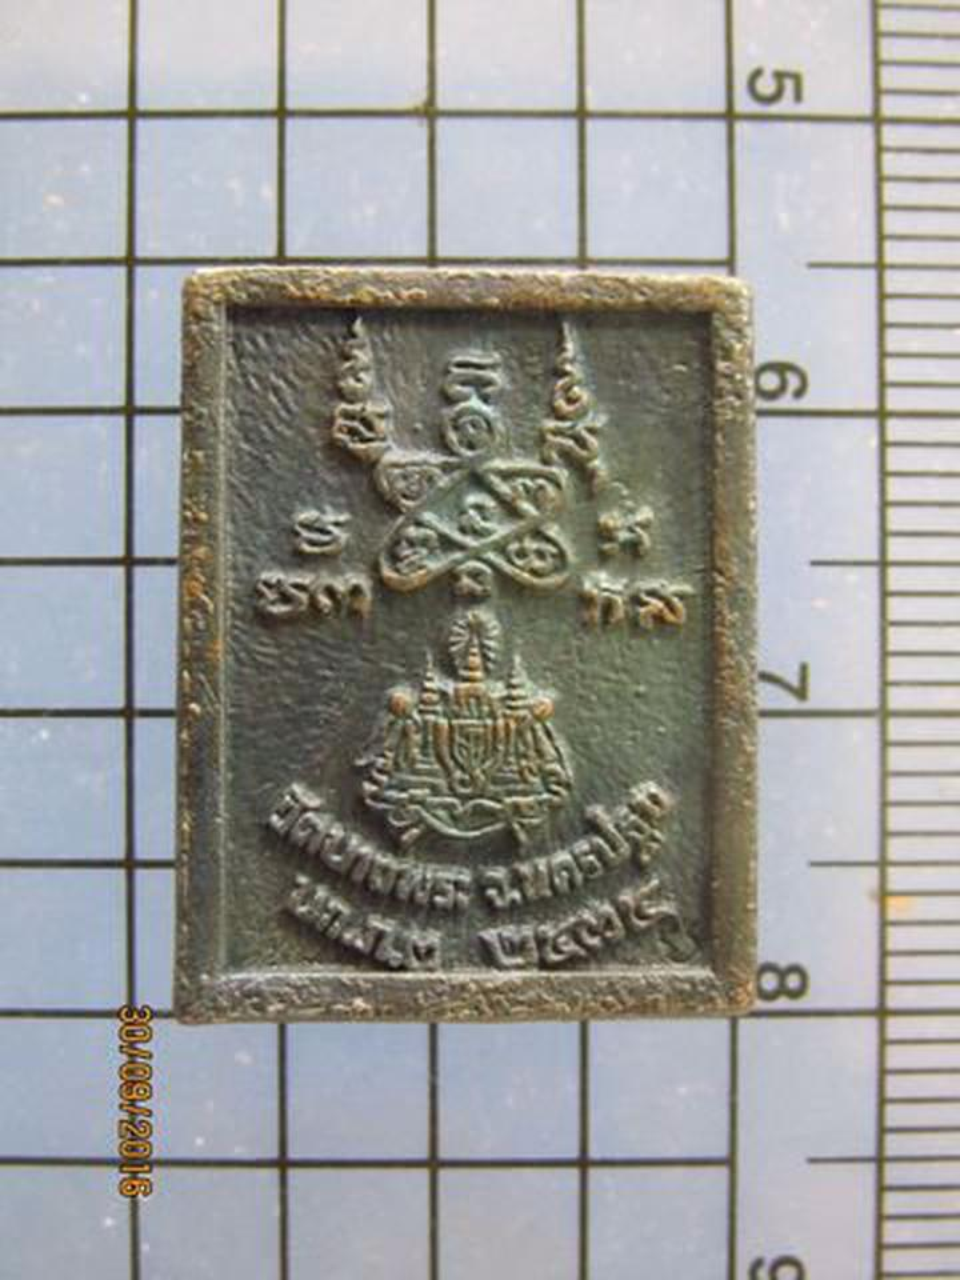 3962 เหรียญหล่อหลวงพ่อเปิ่น วัดบางพระ รุ่น บก.ภ.3 ปี 2535 จ. รูปที่ 1